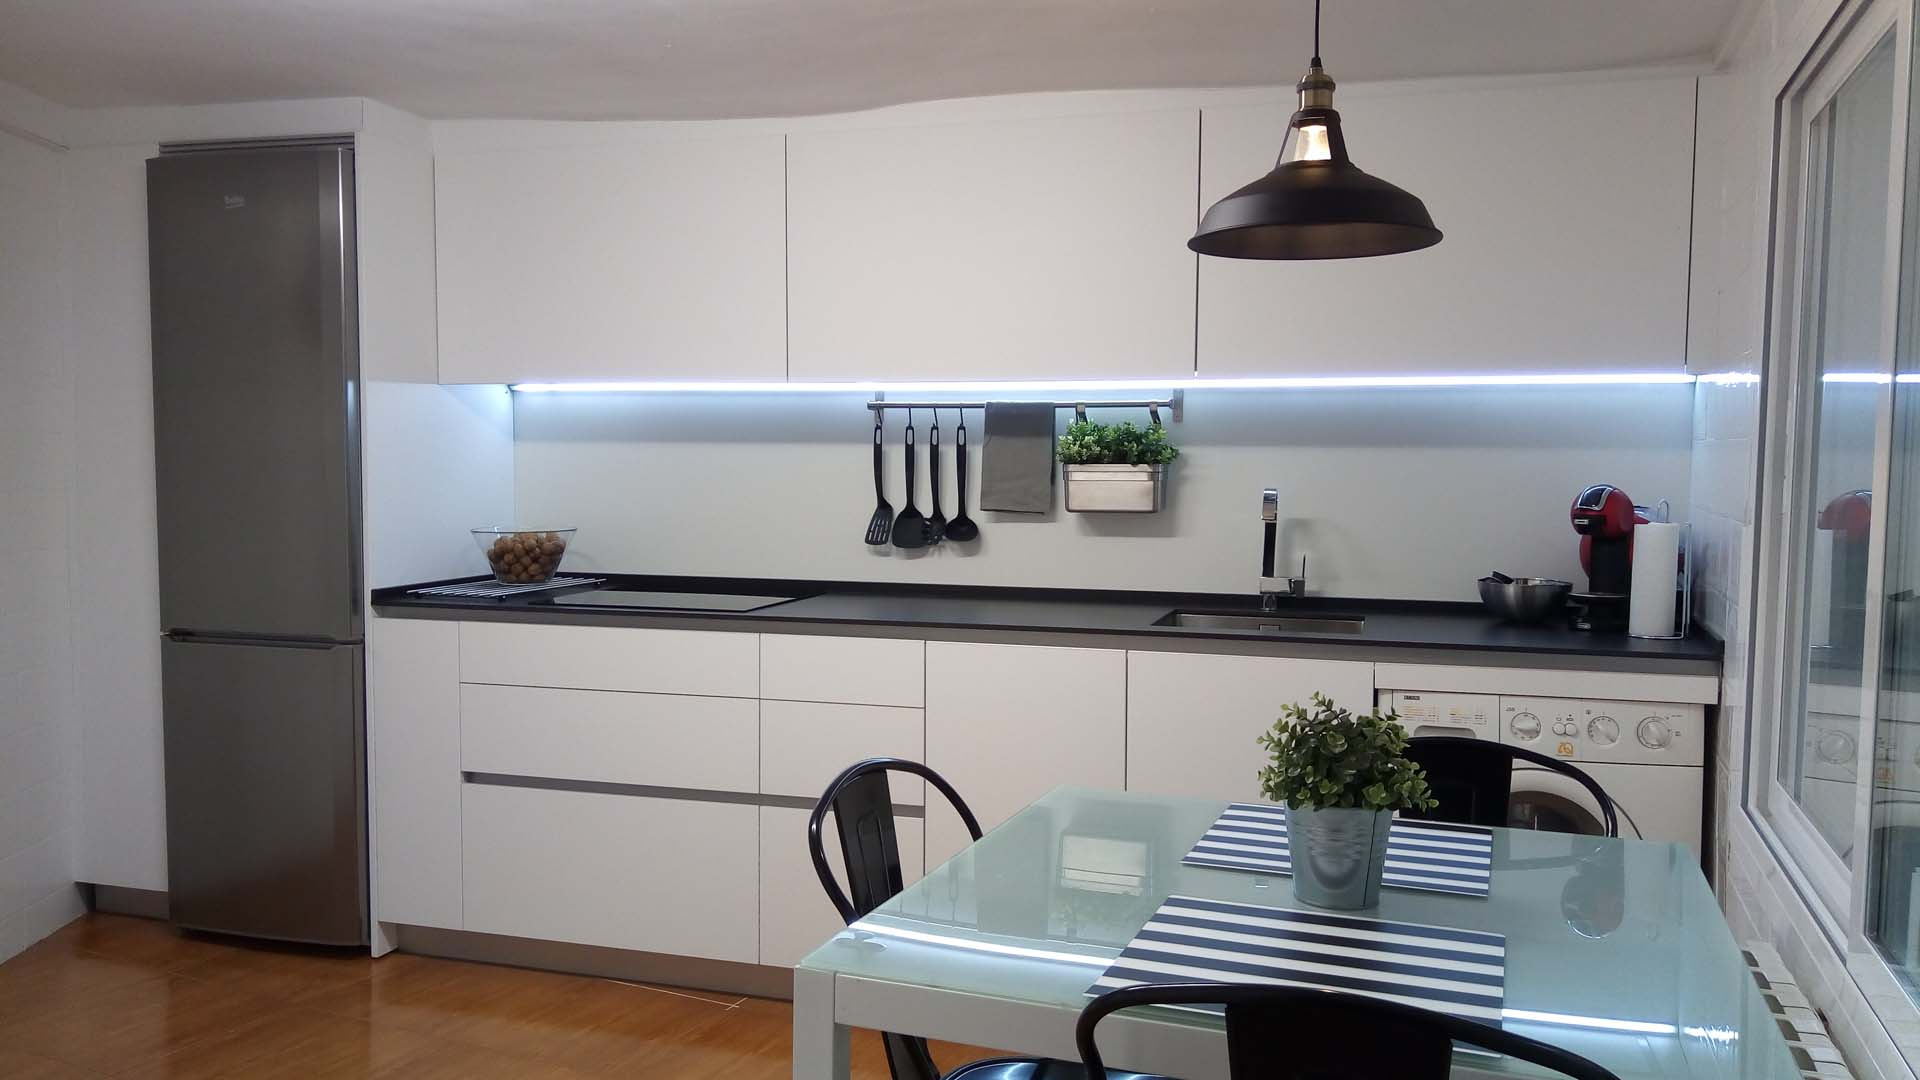 Cocina laminado blanco mate r103 cu a aluminio arnit for Muebles de cocina fenix